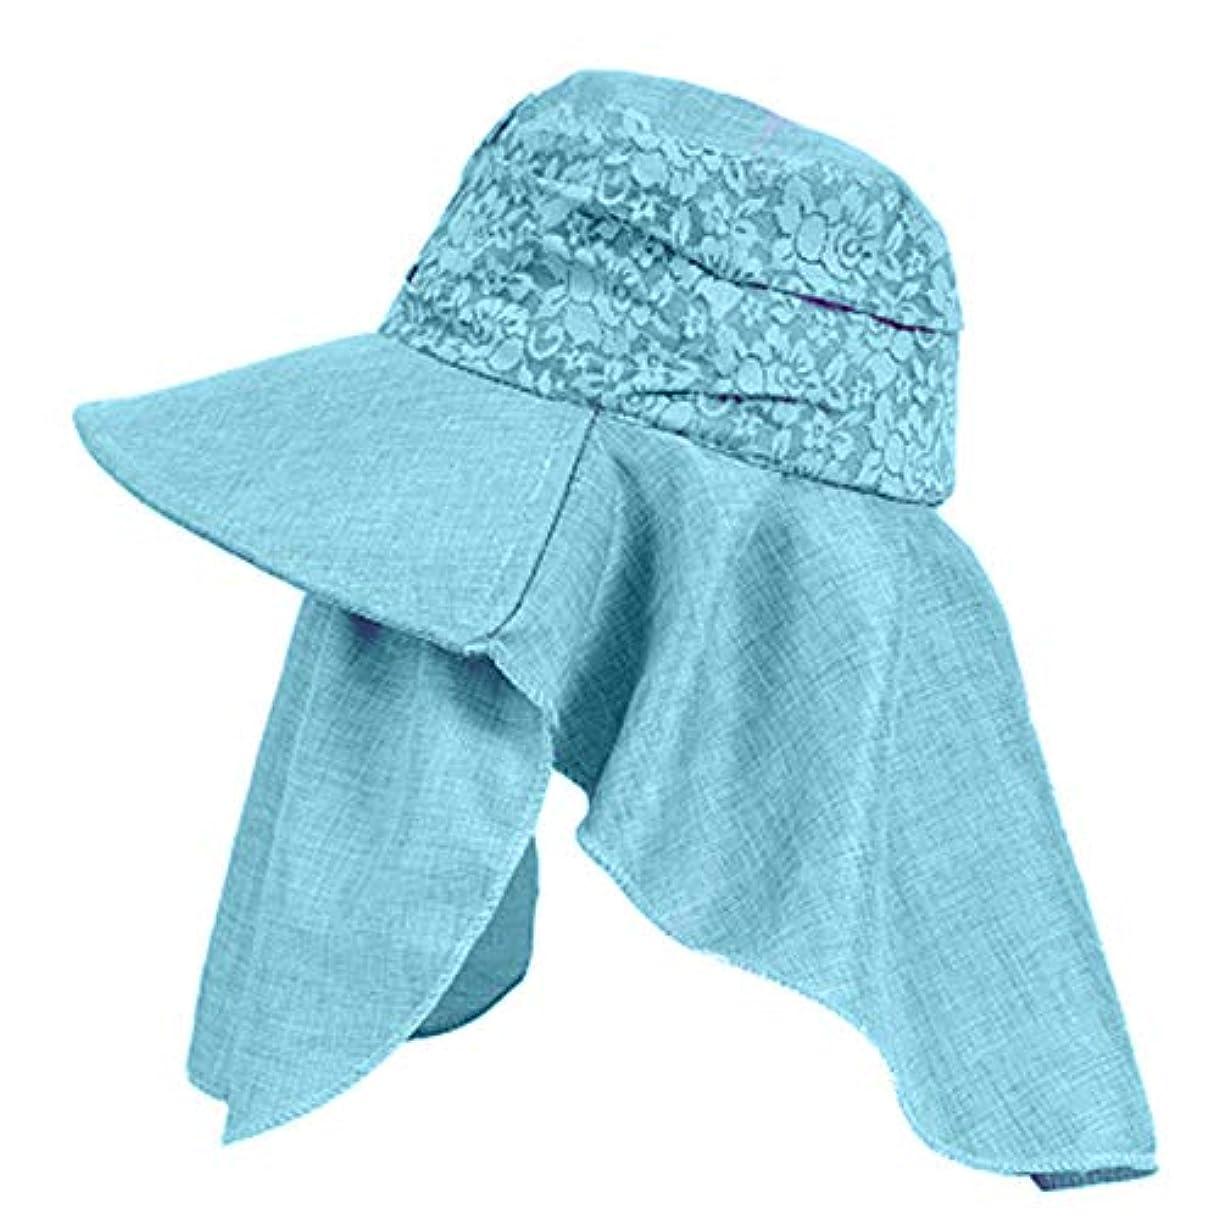 助けて不安定セットアップMerssavo 女性の夏の日曜日の帽子、バイザーカバーの表面の反紫色のライン旅行日曜日の帽子、ガーデニング、ハイキング、旅行、1#